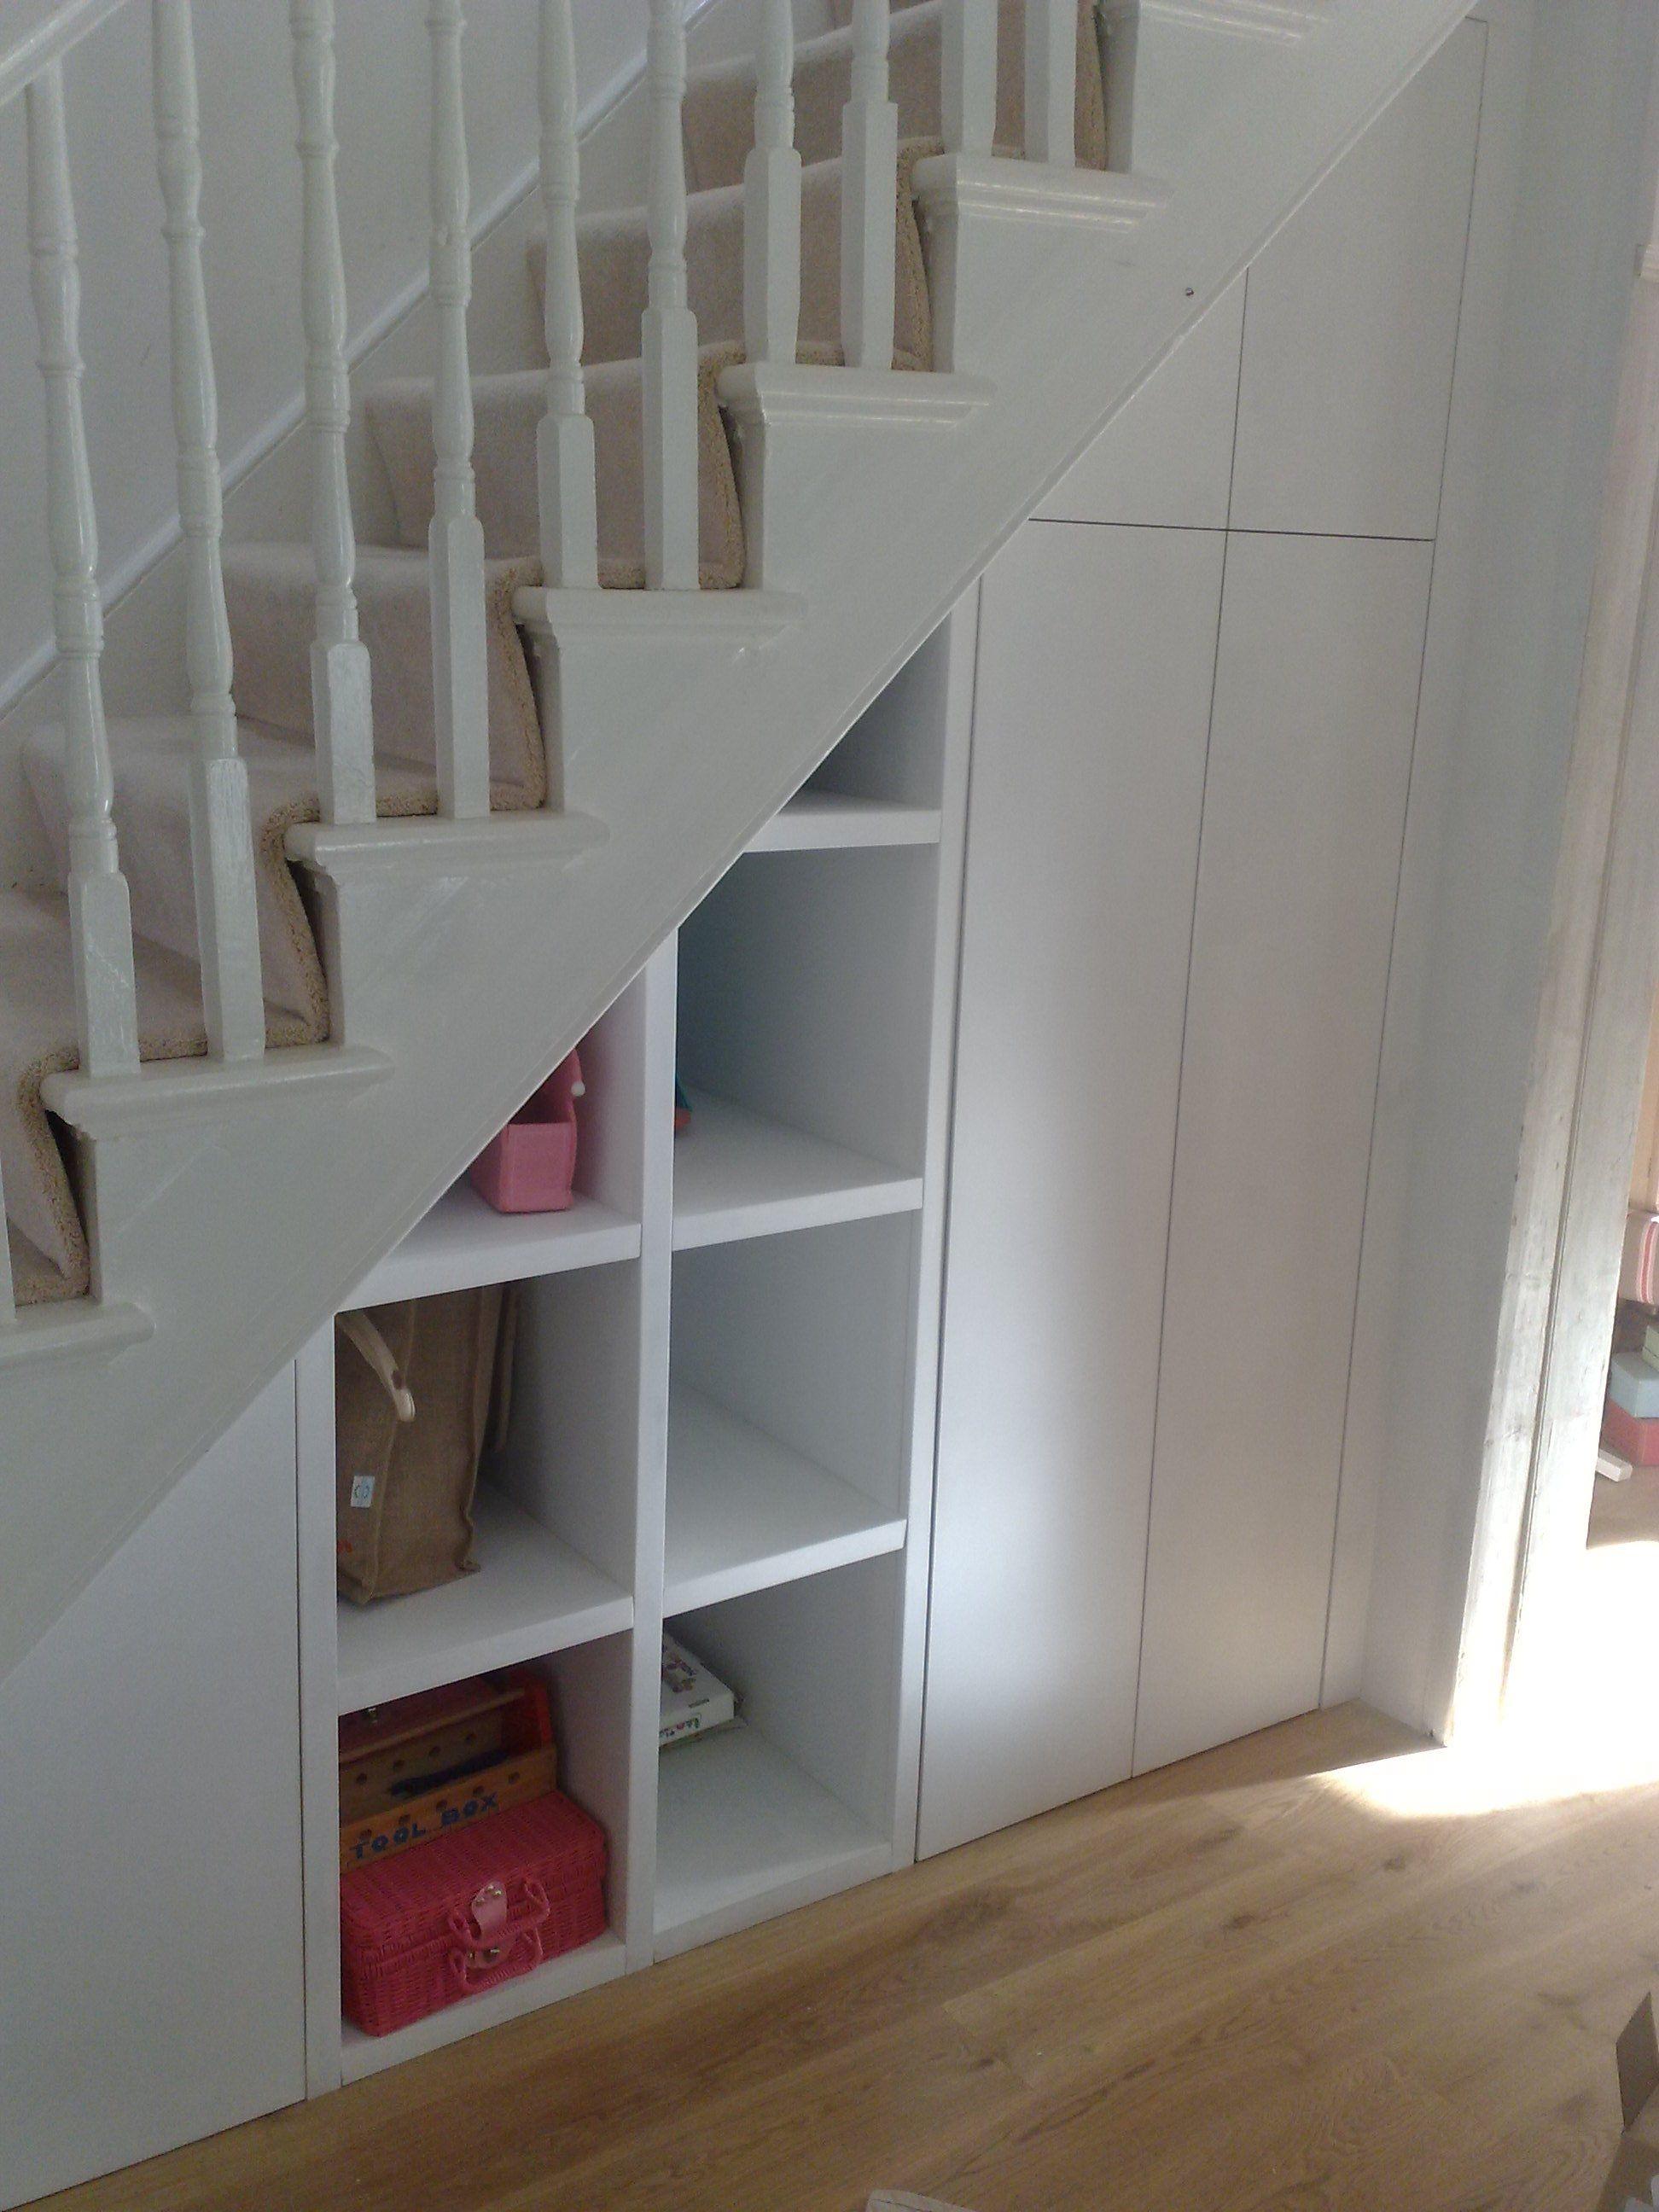 Understair Storage Staircase Storage Under Stairs Cupboard Stairs Design